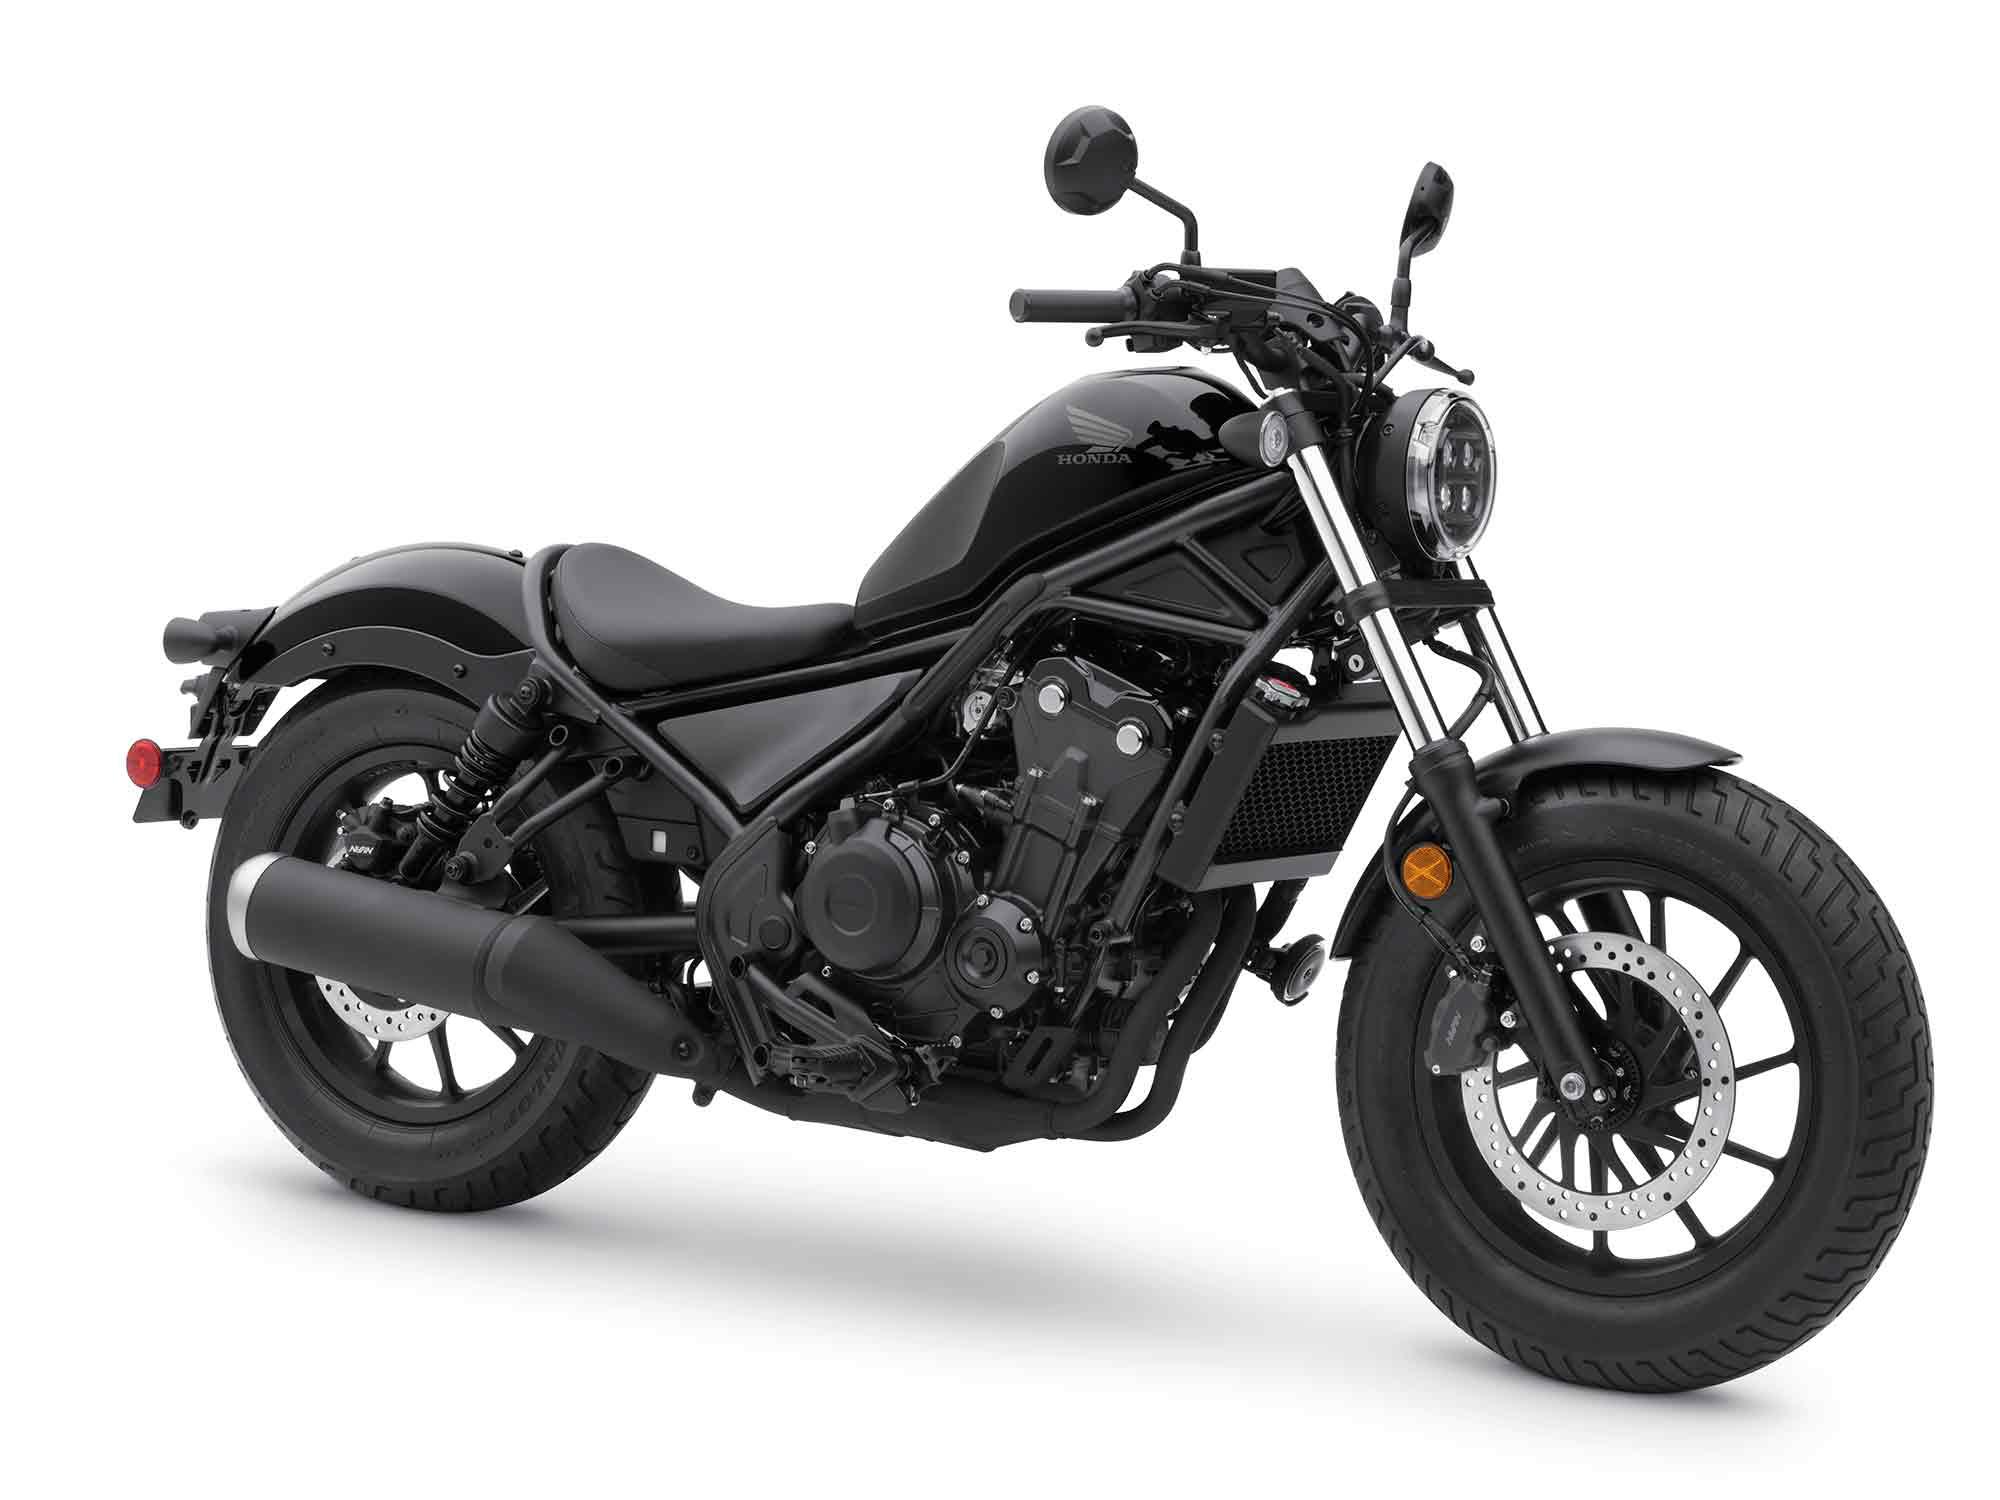 New Honda Motorcycles, New Honda Bike Models  Cycle World